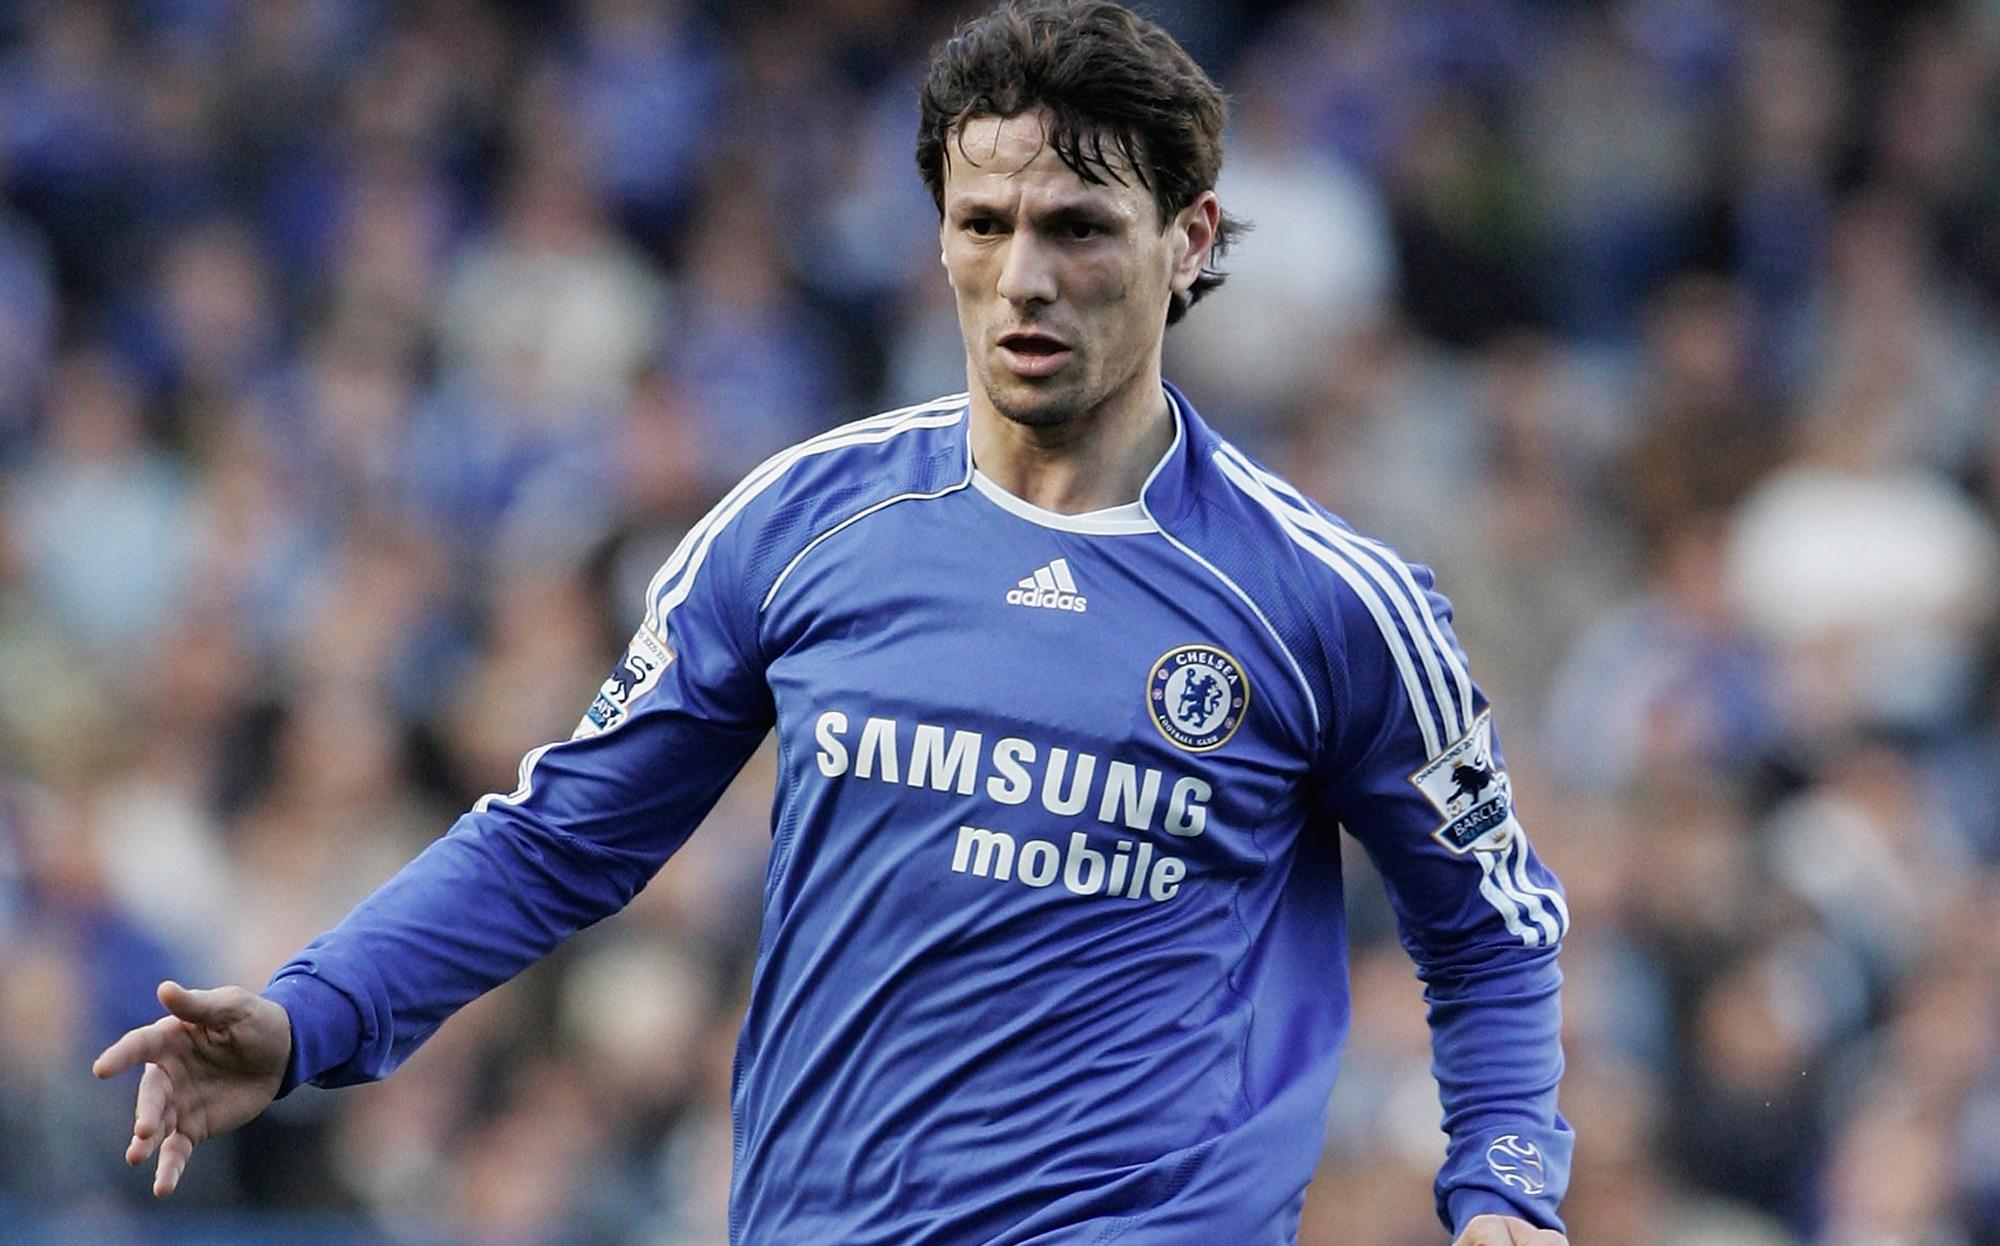 Khalid Boulahrouz of Chelsea